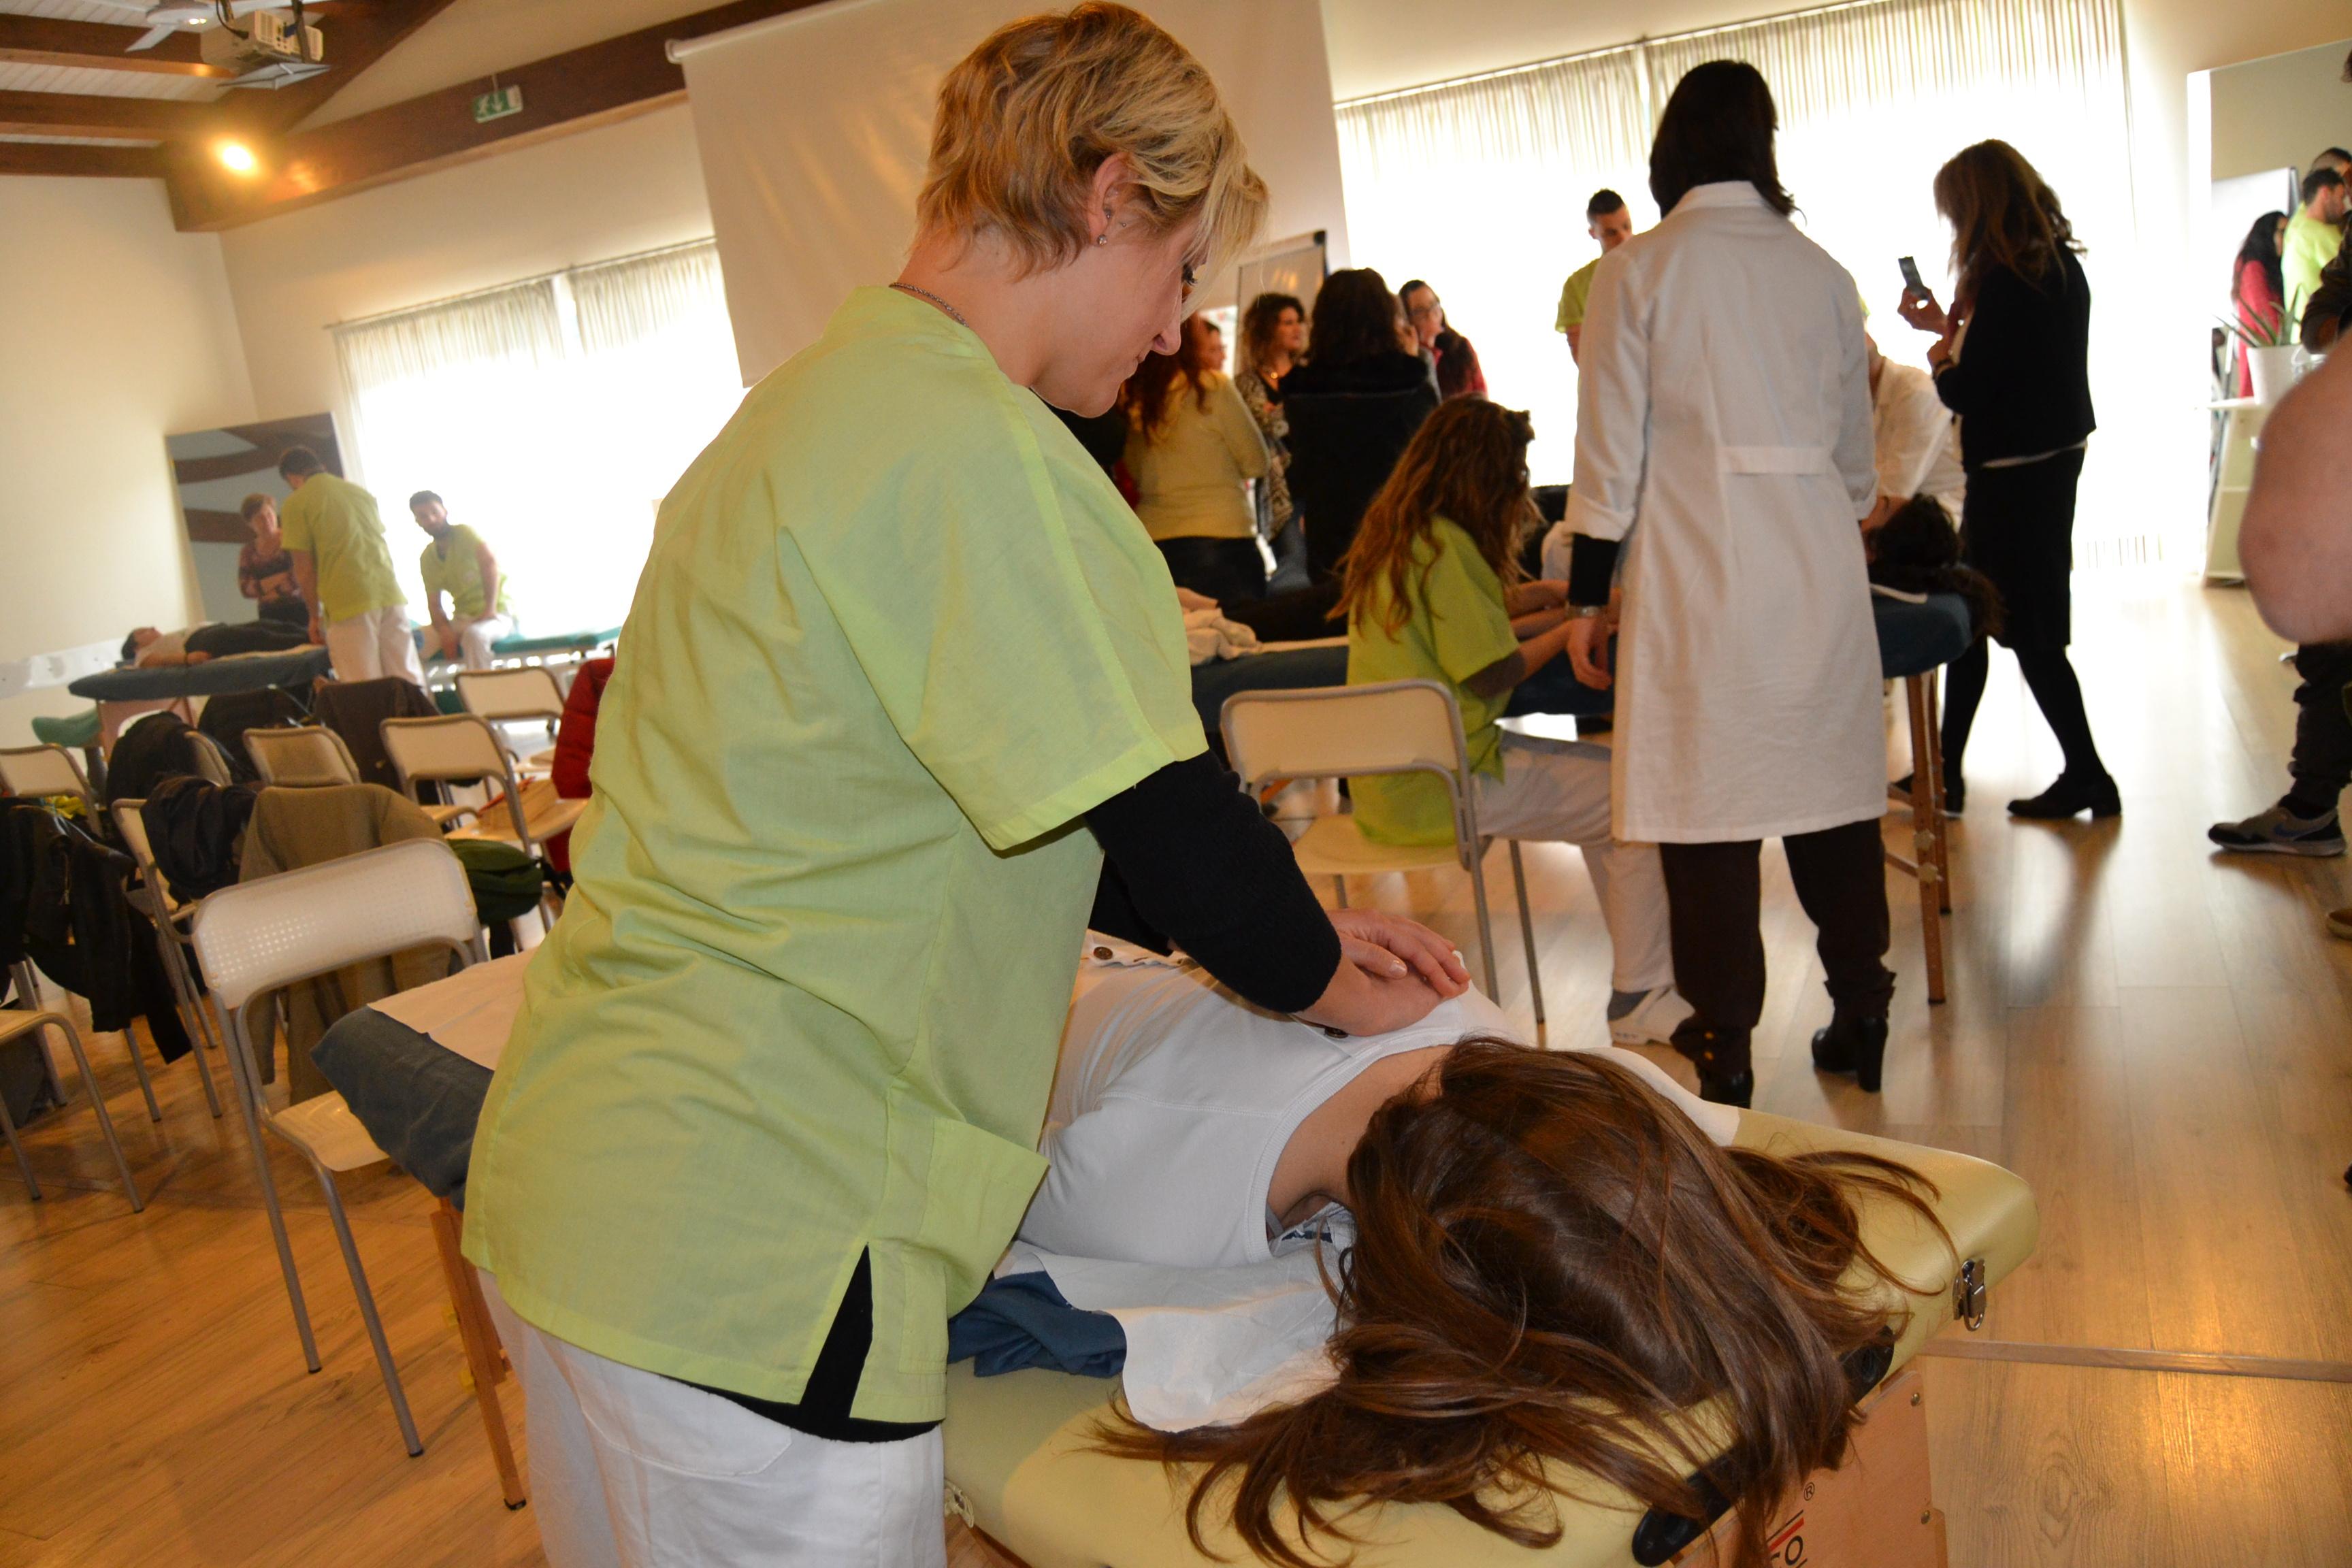 sedi cliniche, clinica, tirocinio, abeos, osteopatia, formazione, sport, pediatria, adulti, odontostomatognatico